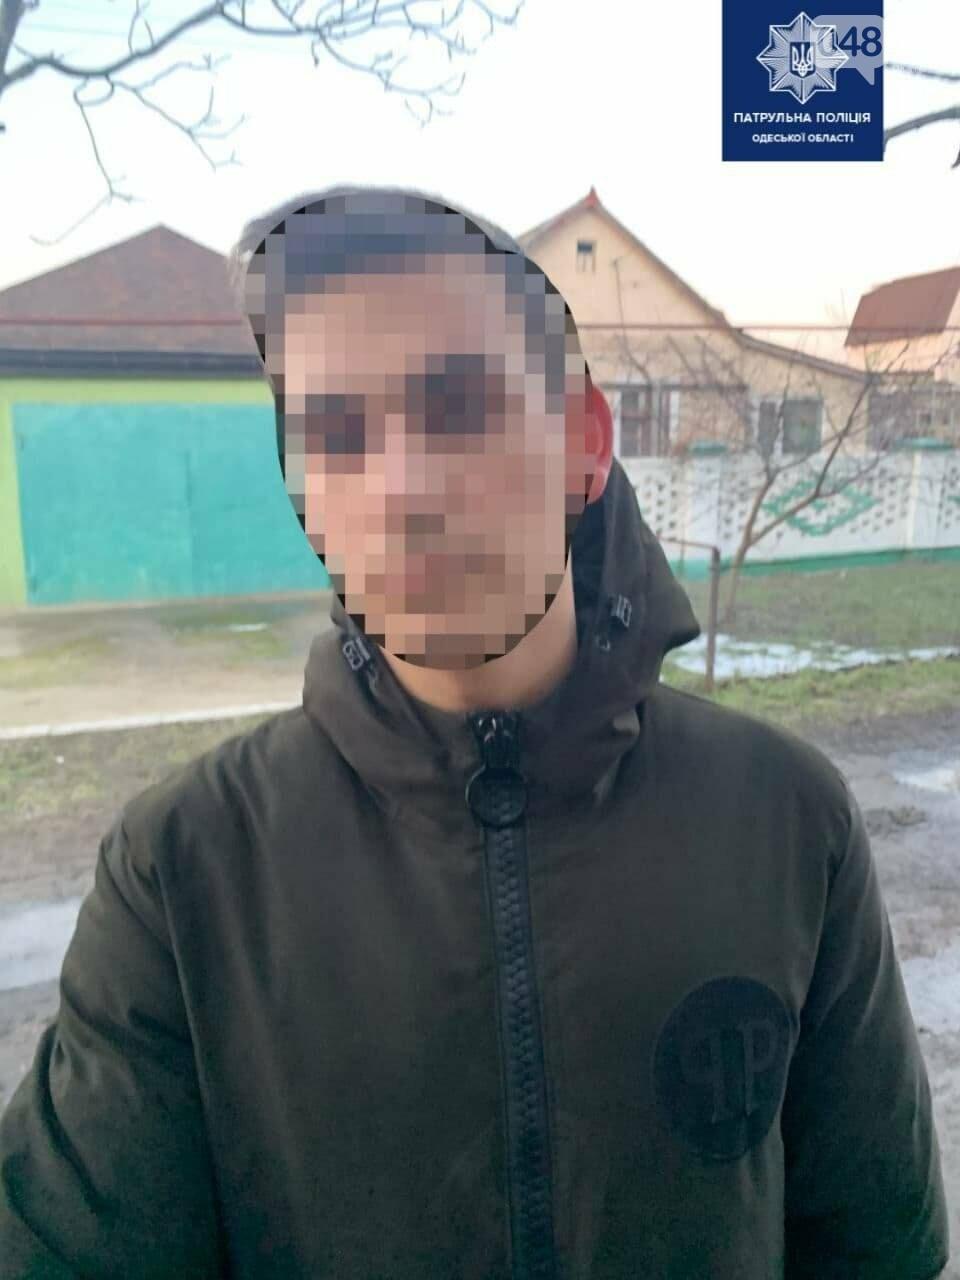 В Одессе закладчики предложили патрульным взятку 20 тысяч гривен, - ФОТО, фото-2